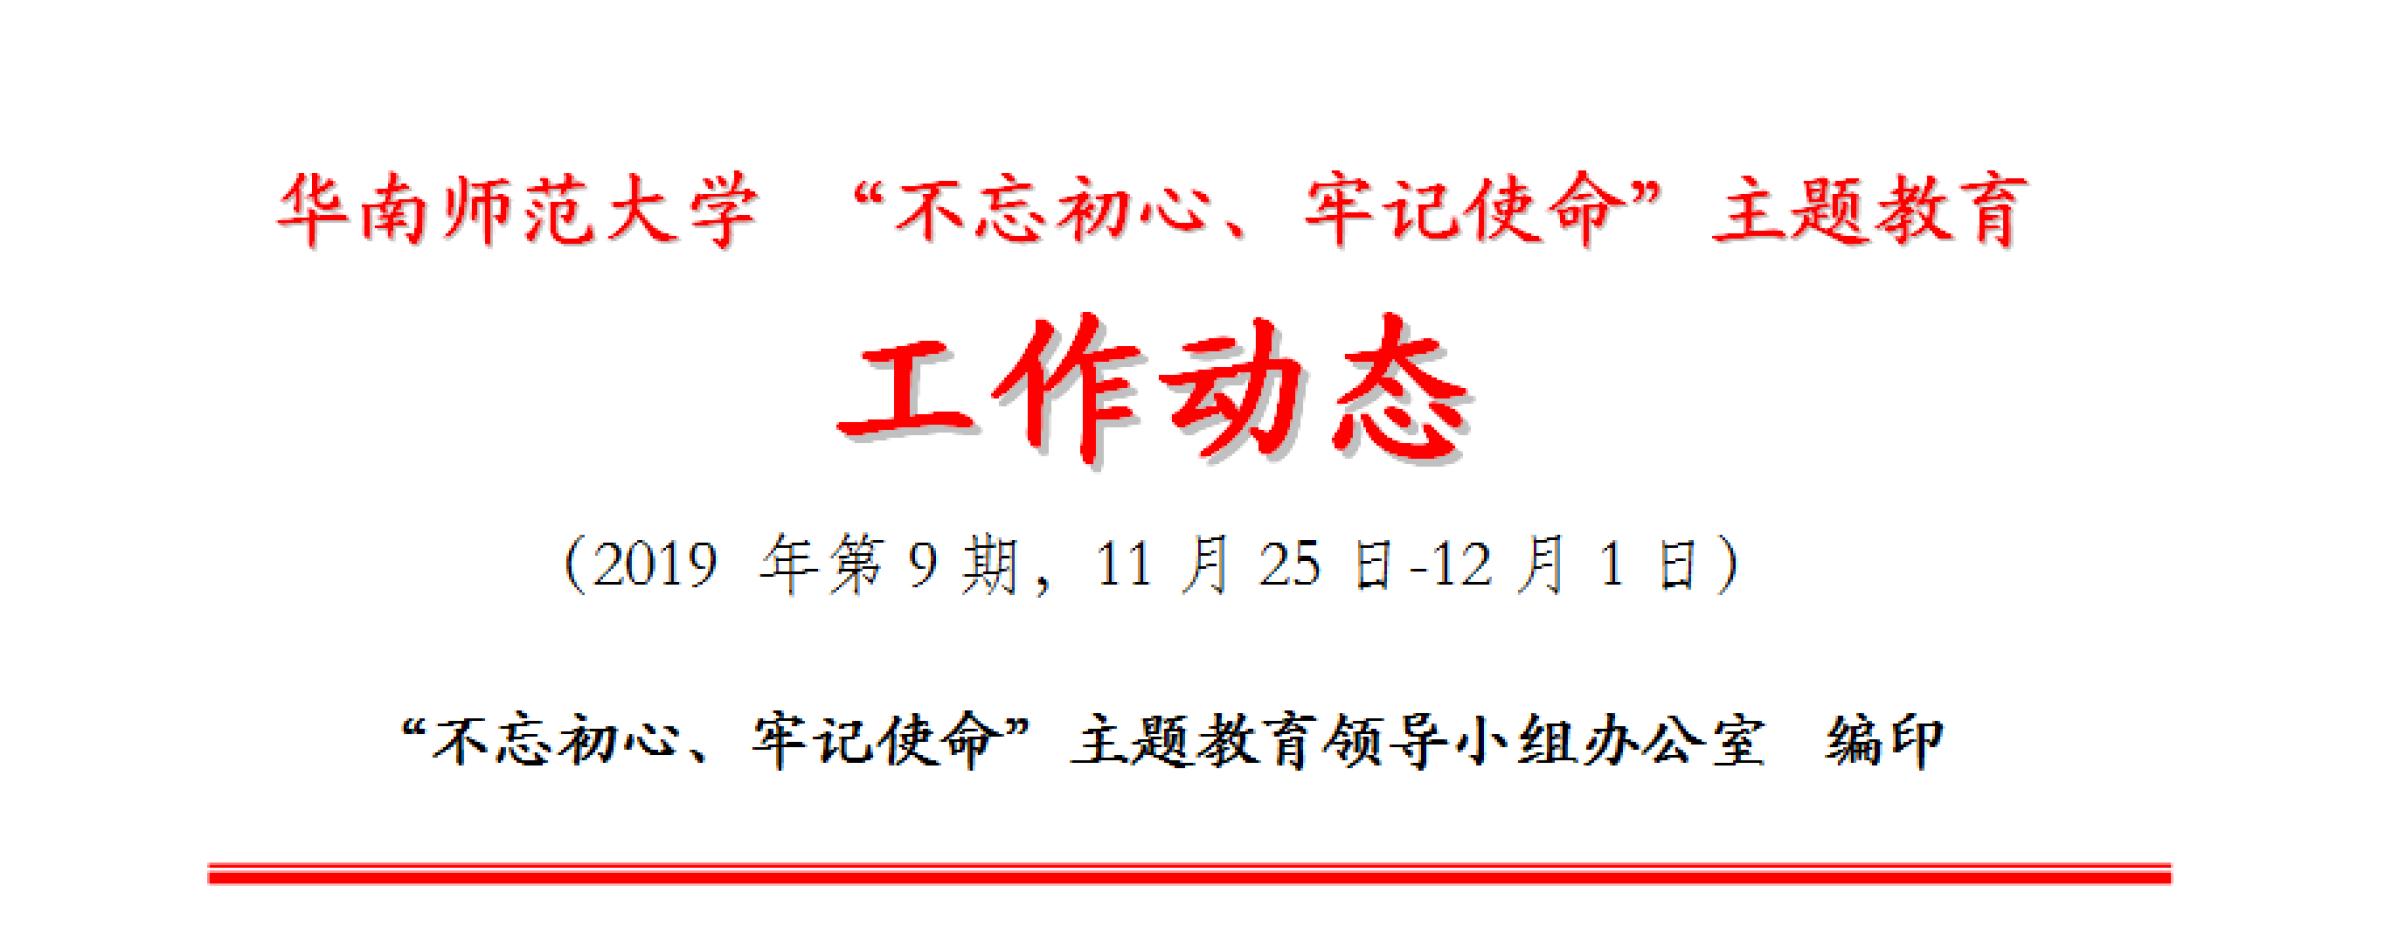 """华南师范大学 """"不忘初心、牢记使命""""主题教育 工作动态 (2019 年第9期,11月25日-12月1日)"""